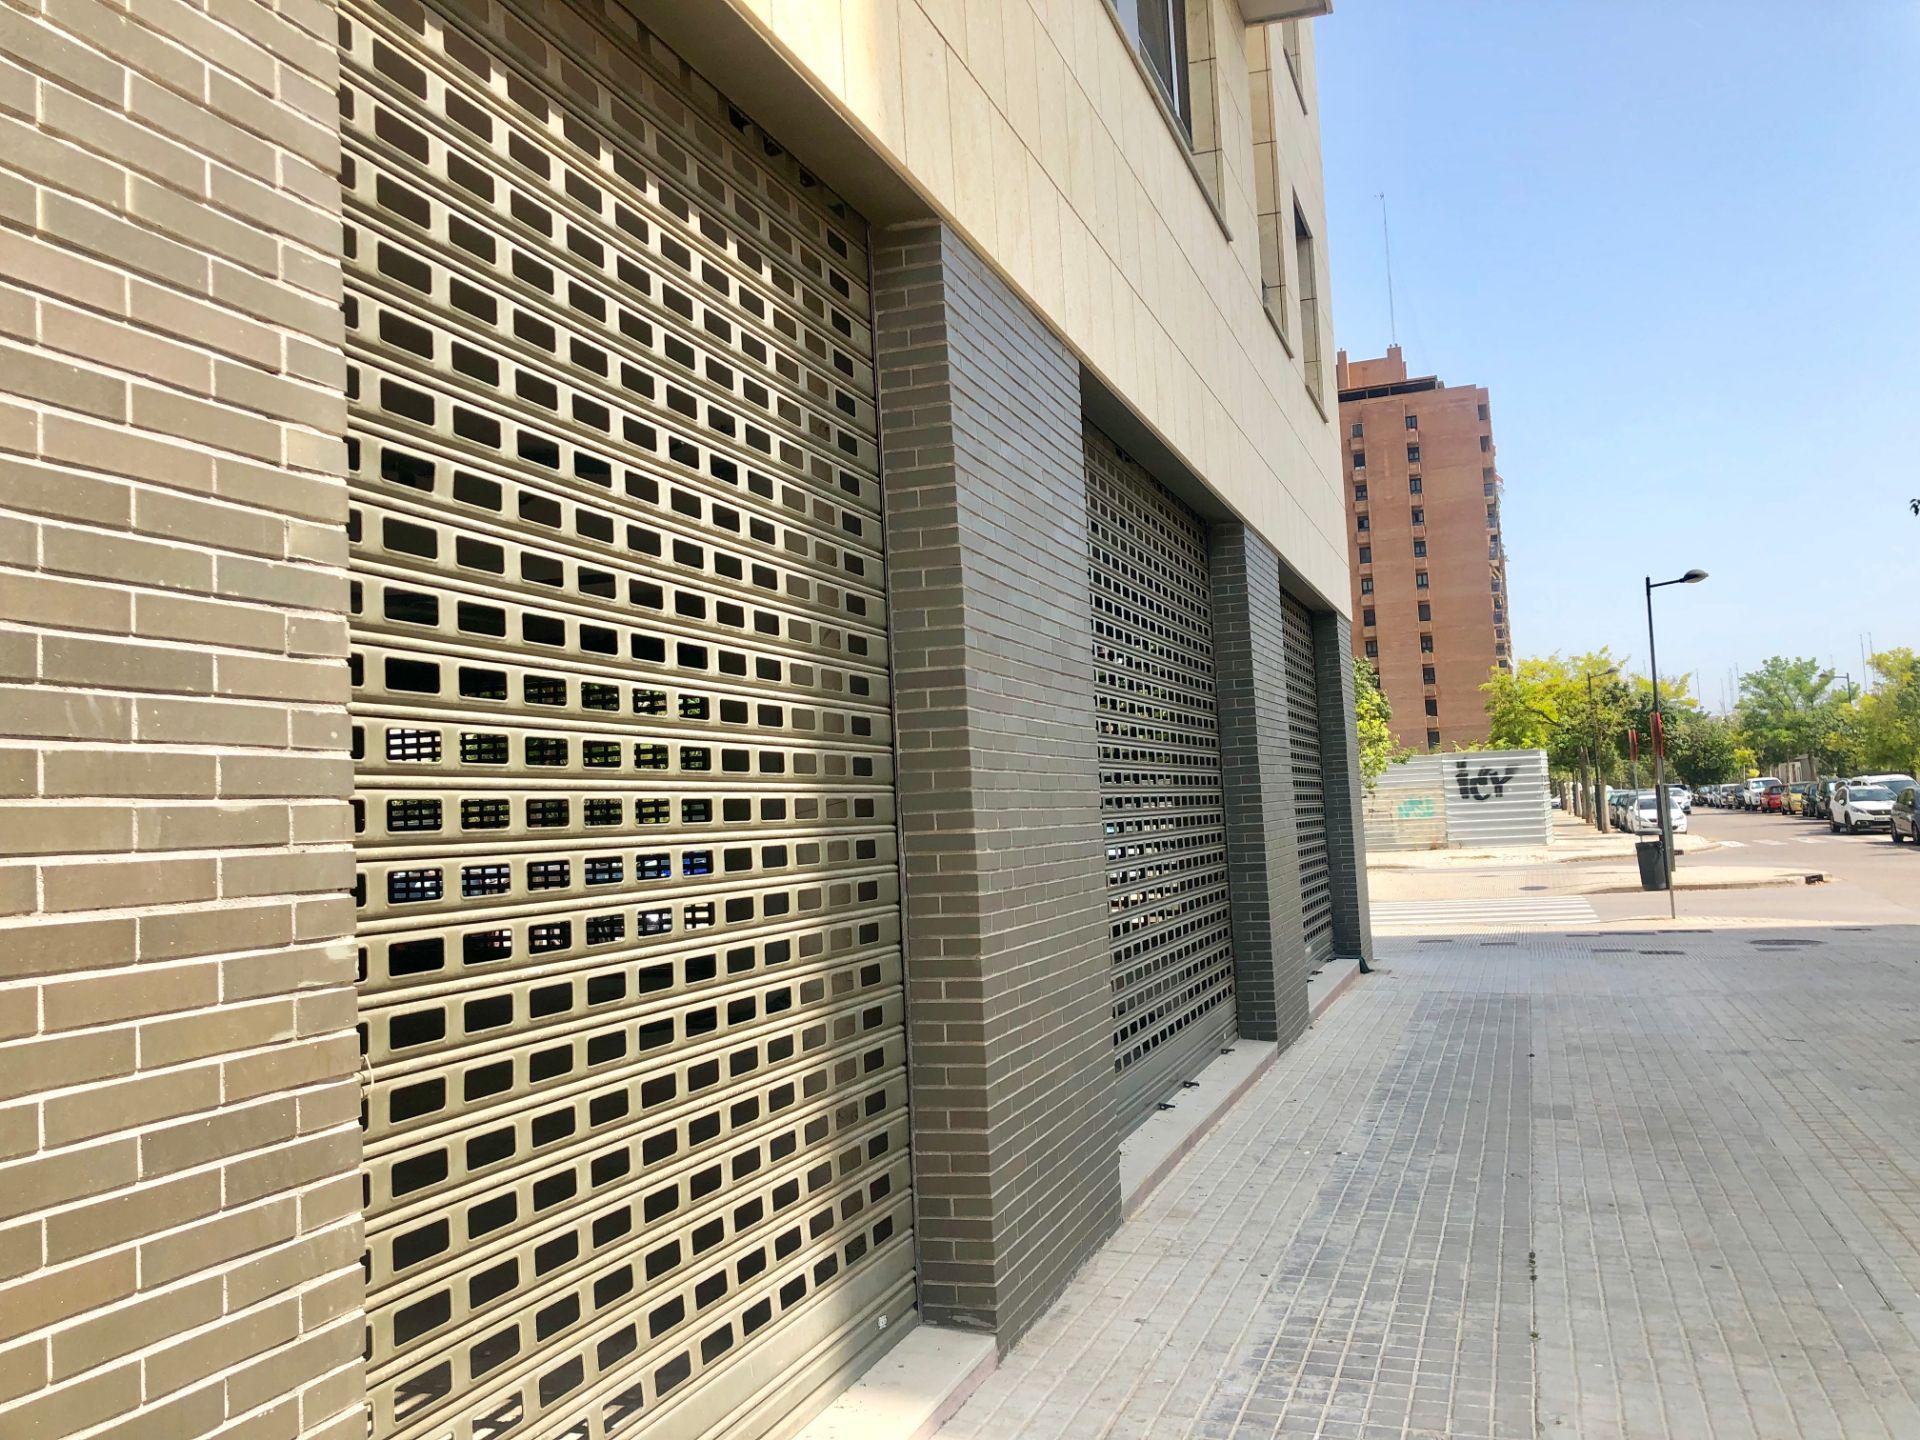 Local comercial en Valencia, PASEO ALAMEDA-CIUDAD ARTES Y CIENCIAS -CAMINS AL GRAU- PASEIG ARBEREDA, alquiler